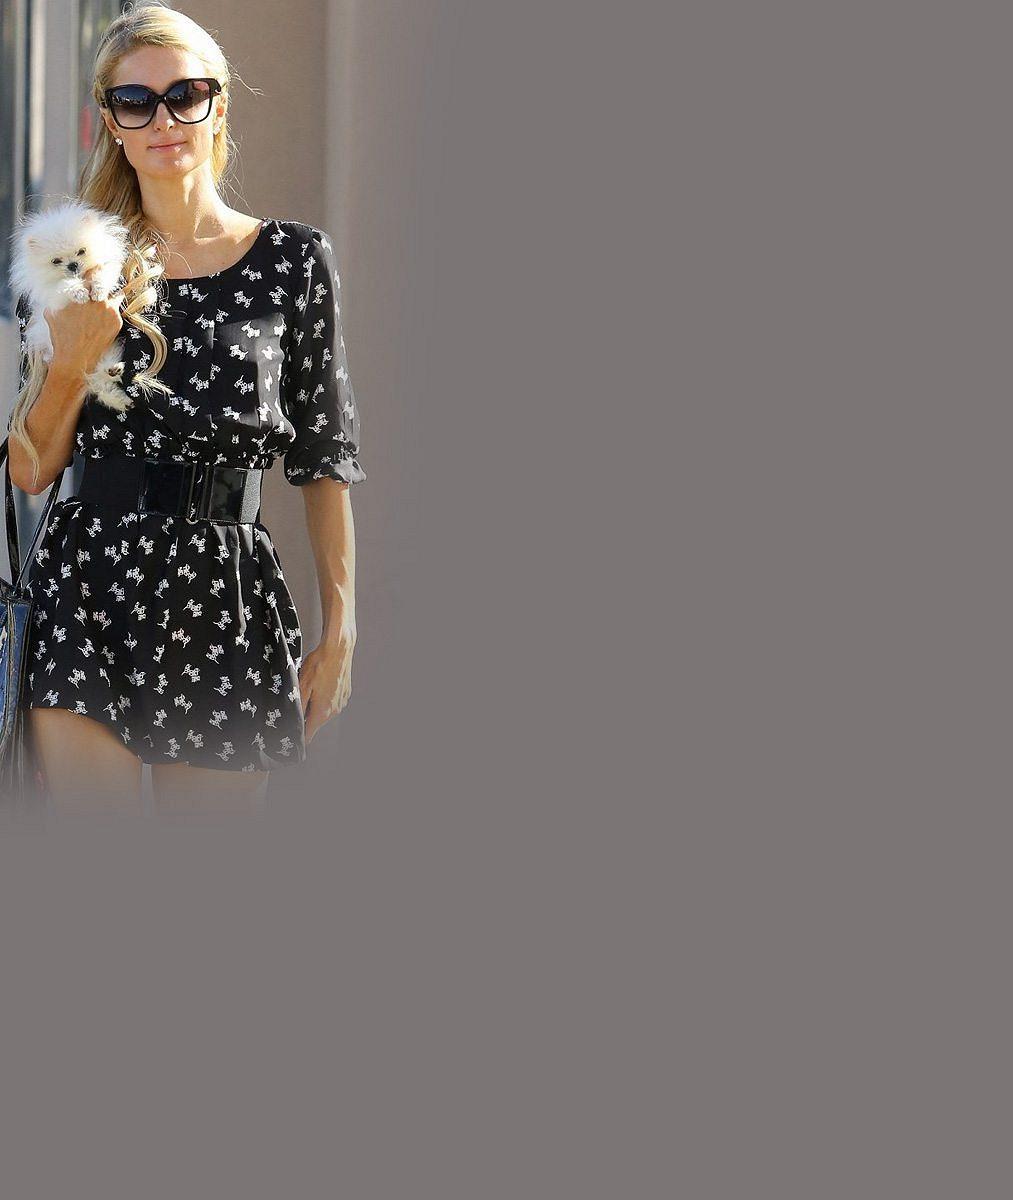 Rozmařilá miliardářka opět provokuje: Polonahá Paris Hilton se na rajcovním snímku nechala zvěčnit nahoře bez